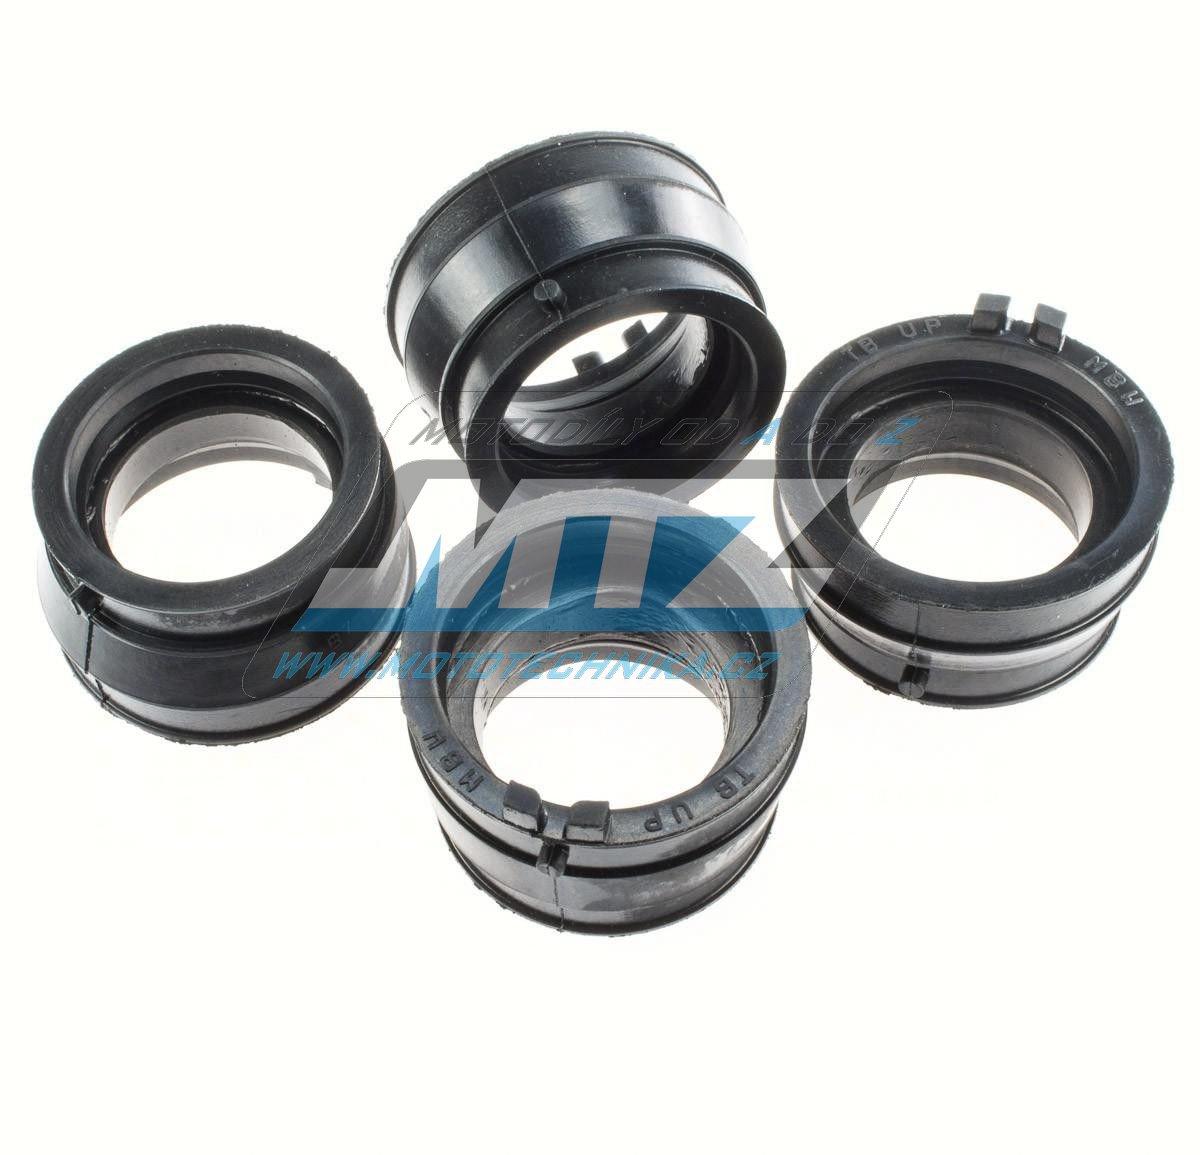 Příruby sání / difuzory Tourmax CHH-8 - Honda CBR600F / 01-05 + CBR600FS